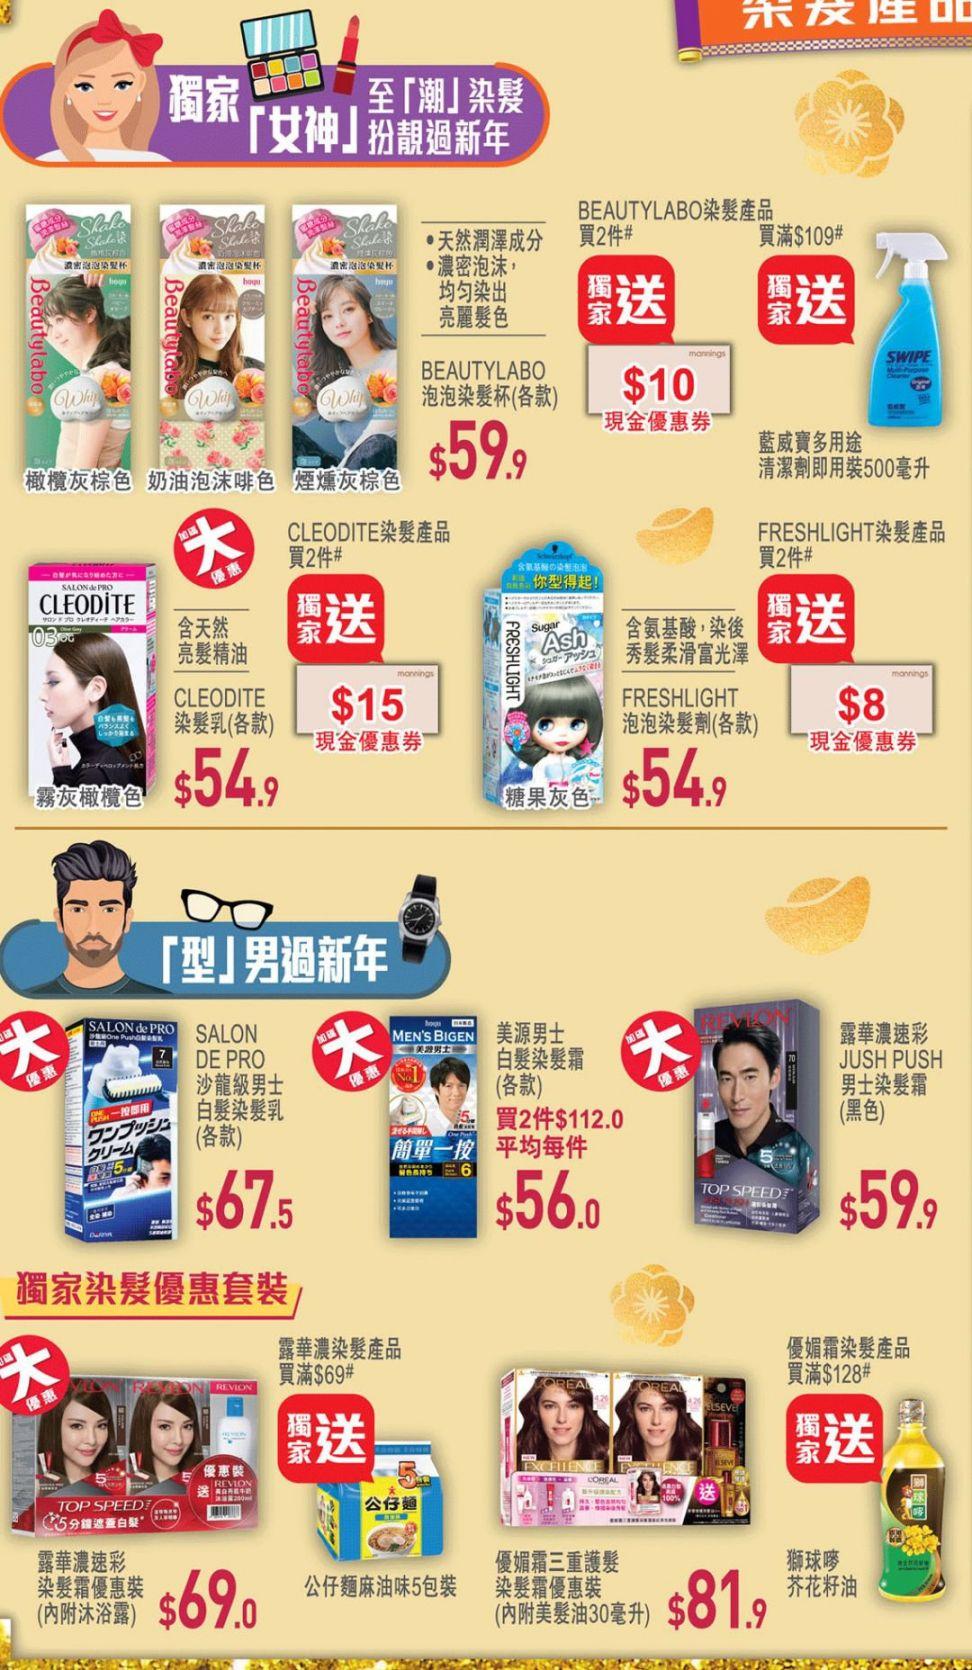 香港万宁大药房网址_香港万宁超市最新促销活动汇总(长期更新) - 深圳本地宝